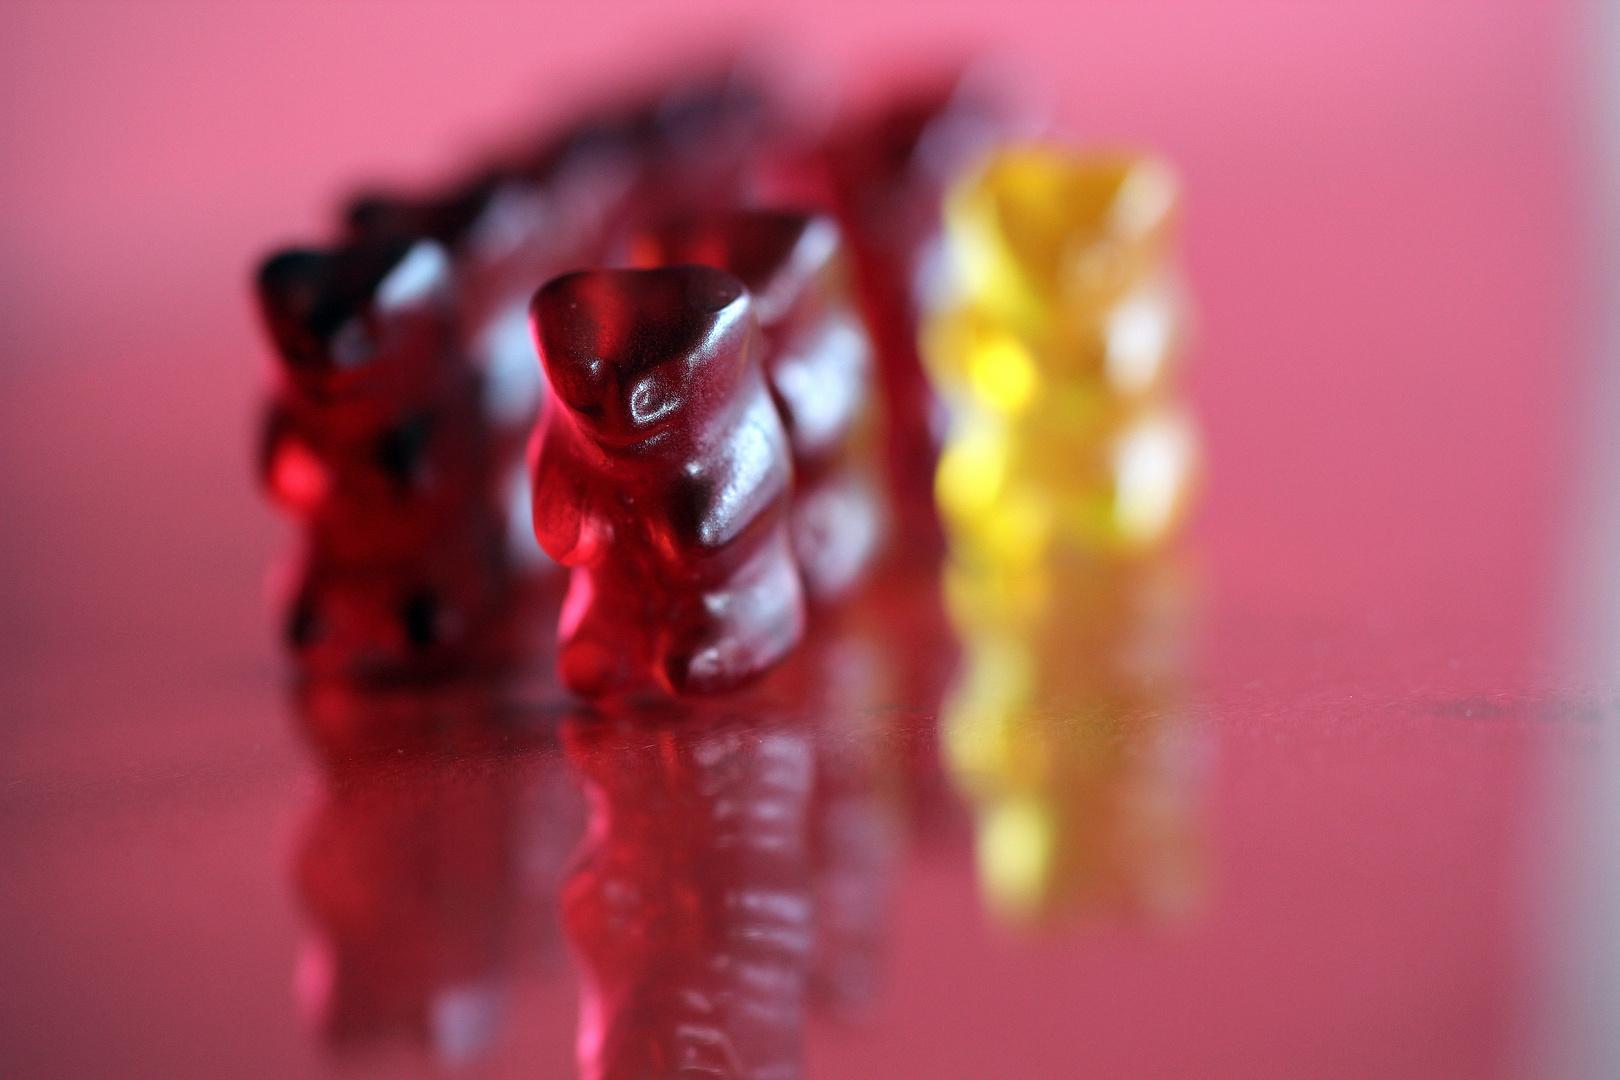 Gummibärchenarmada